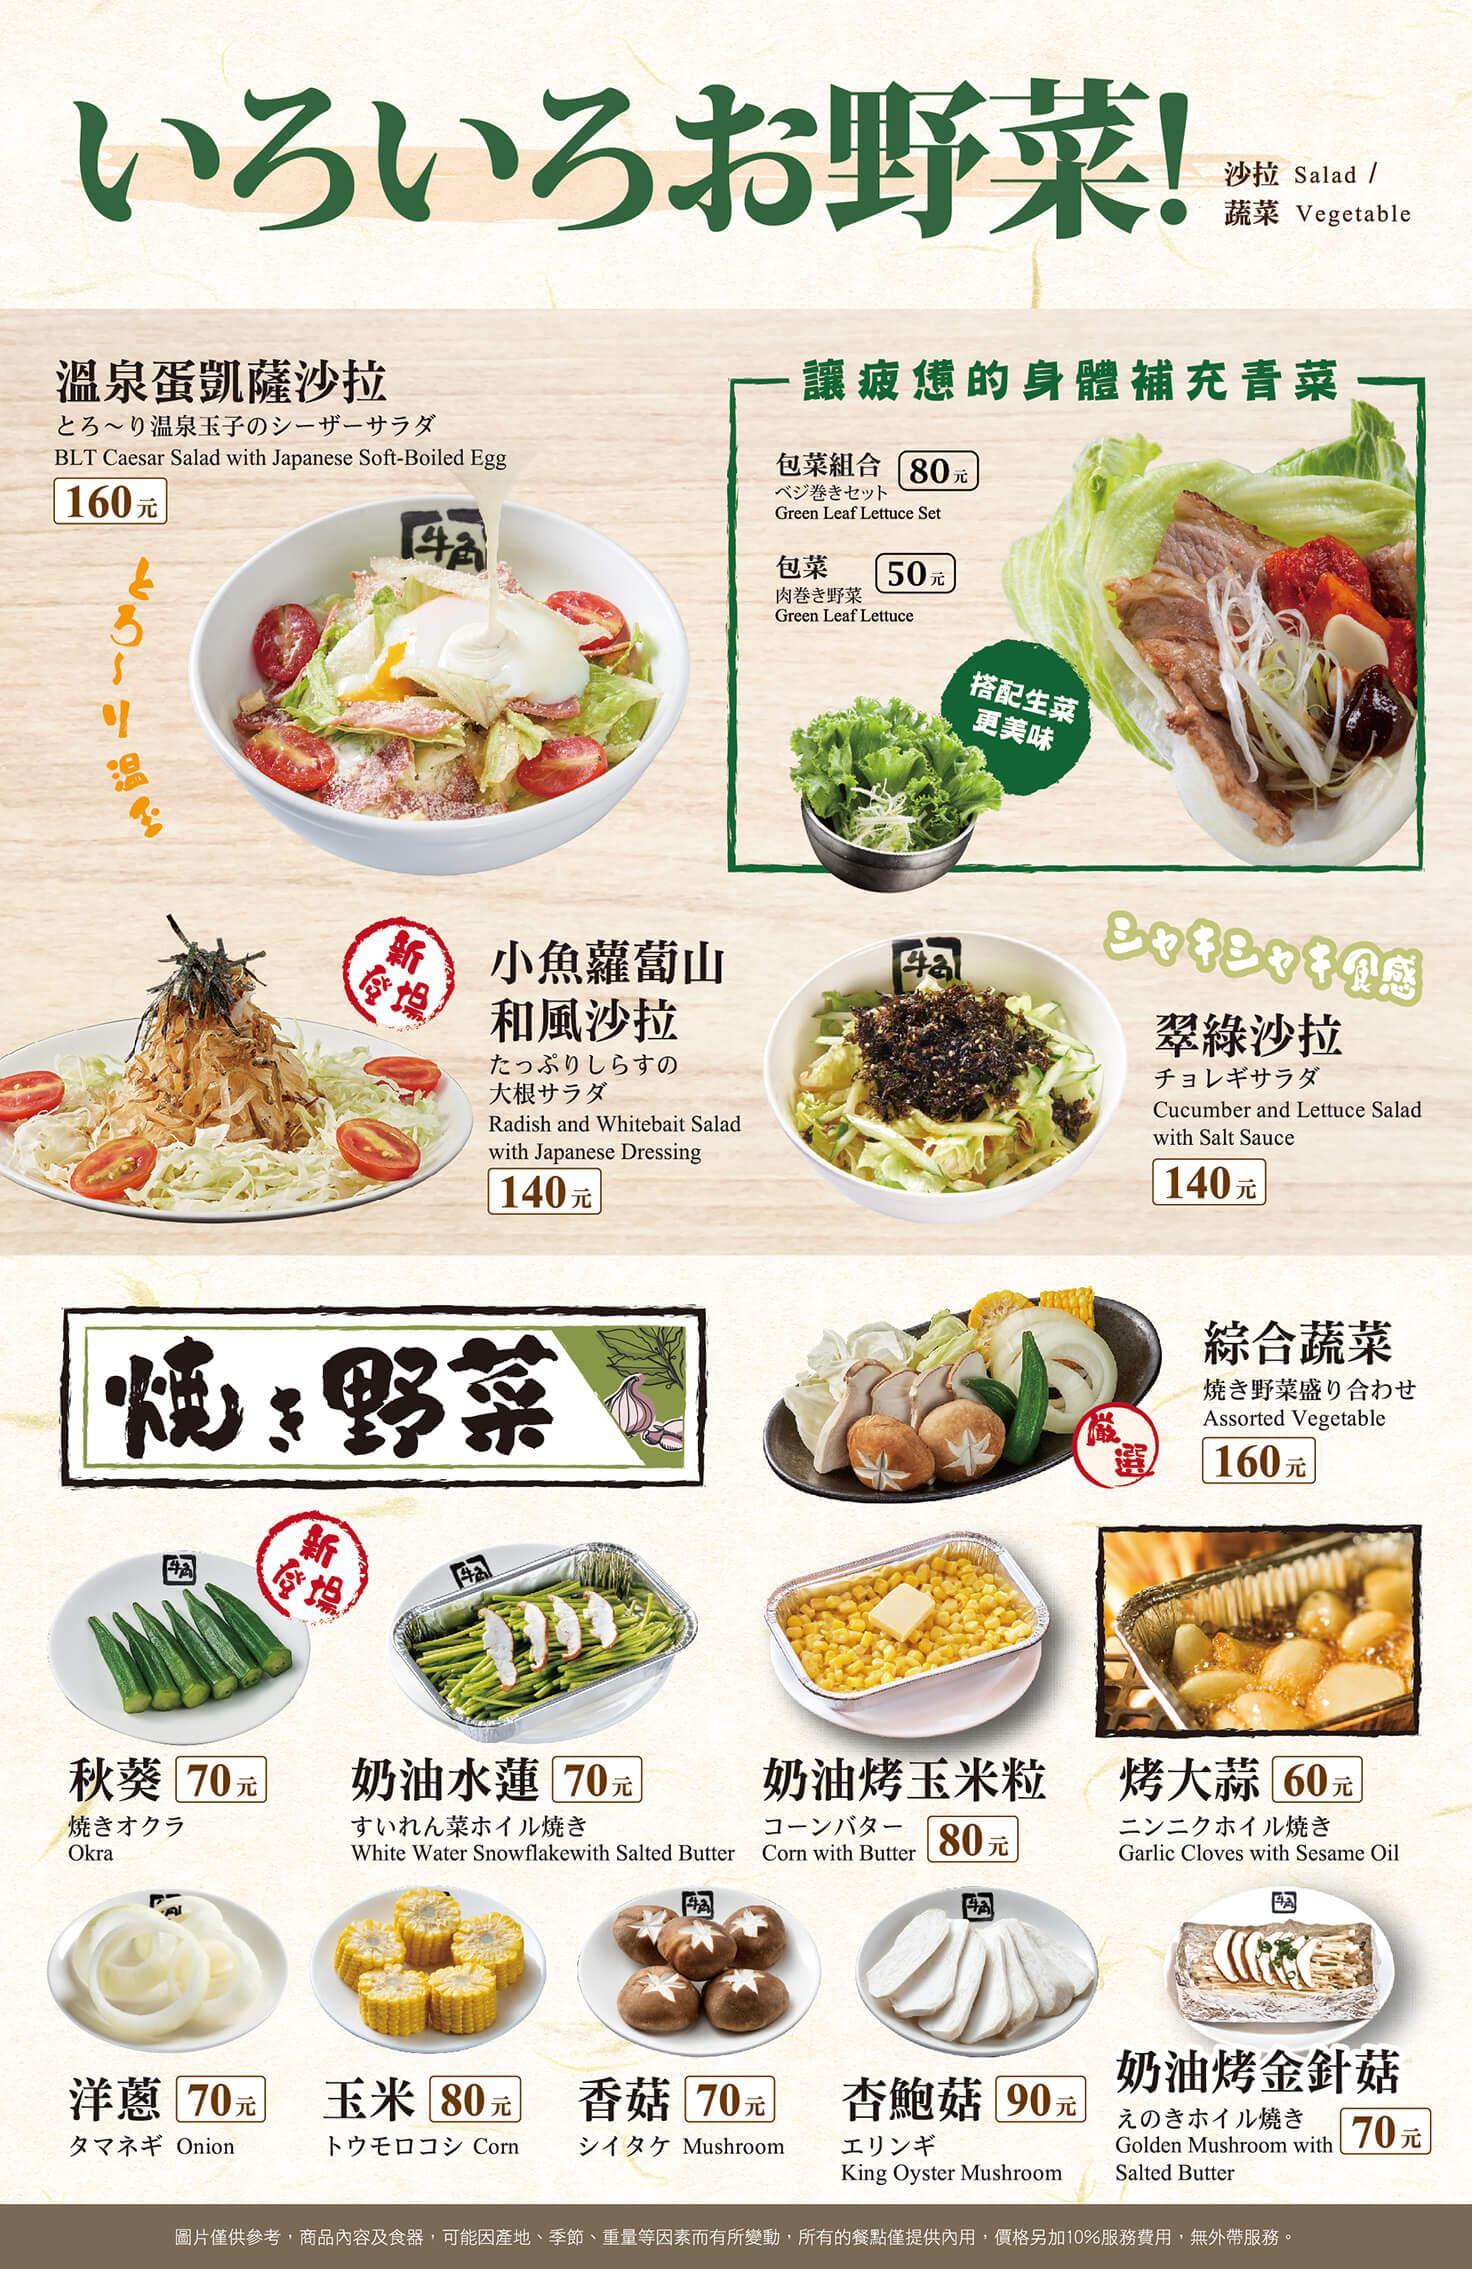 牛角燒肉菜單-蔬菜前菜